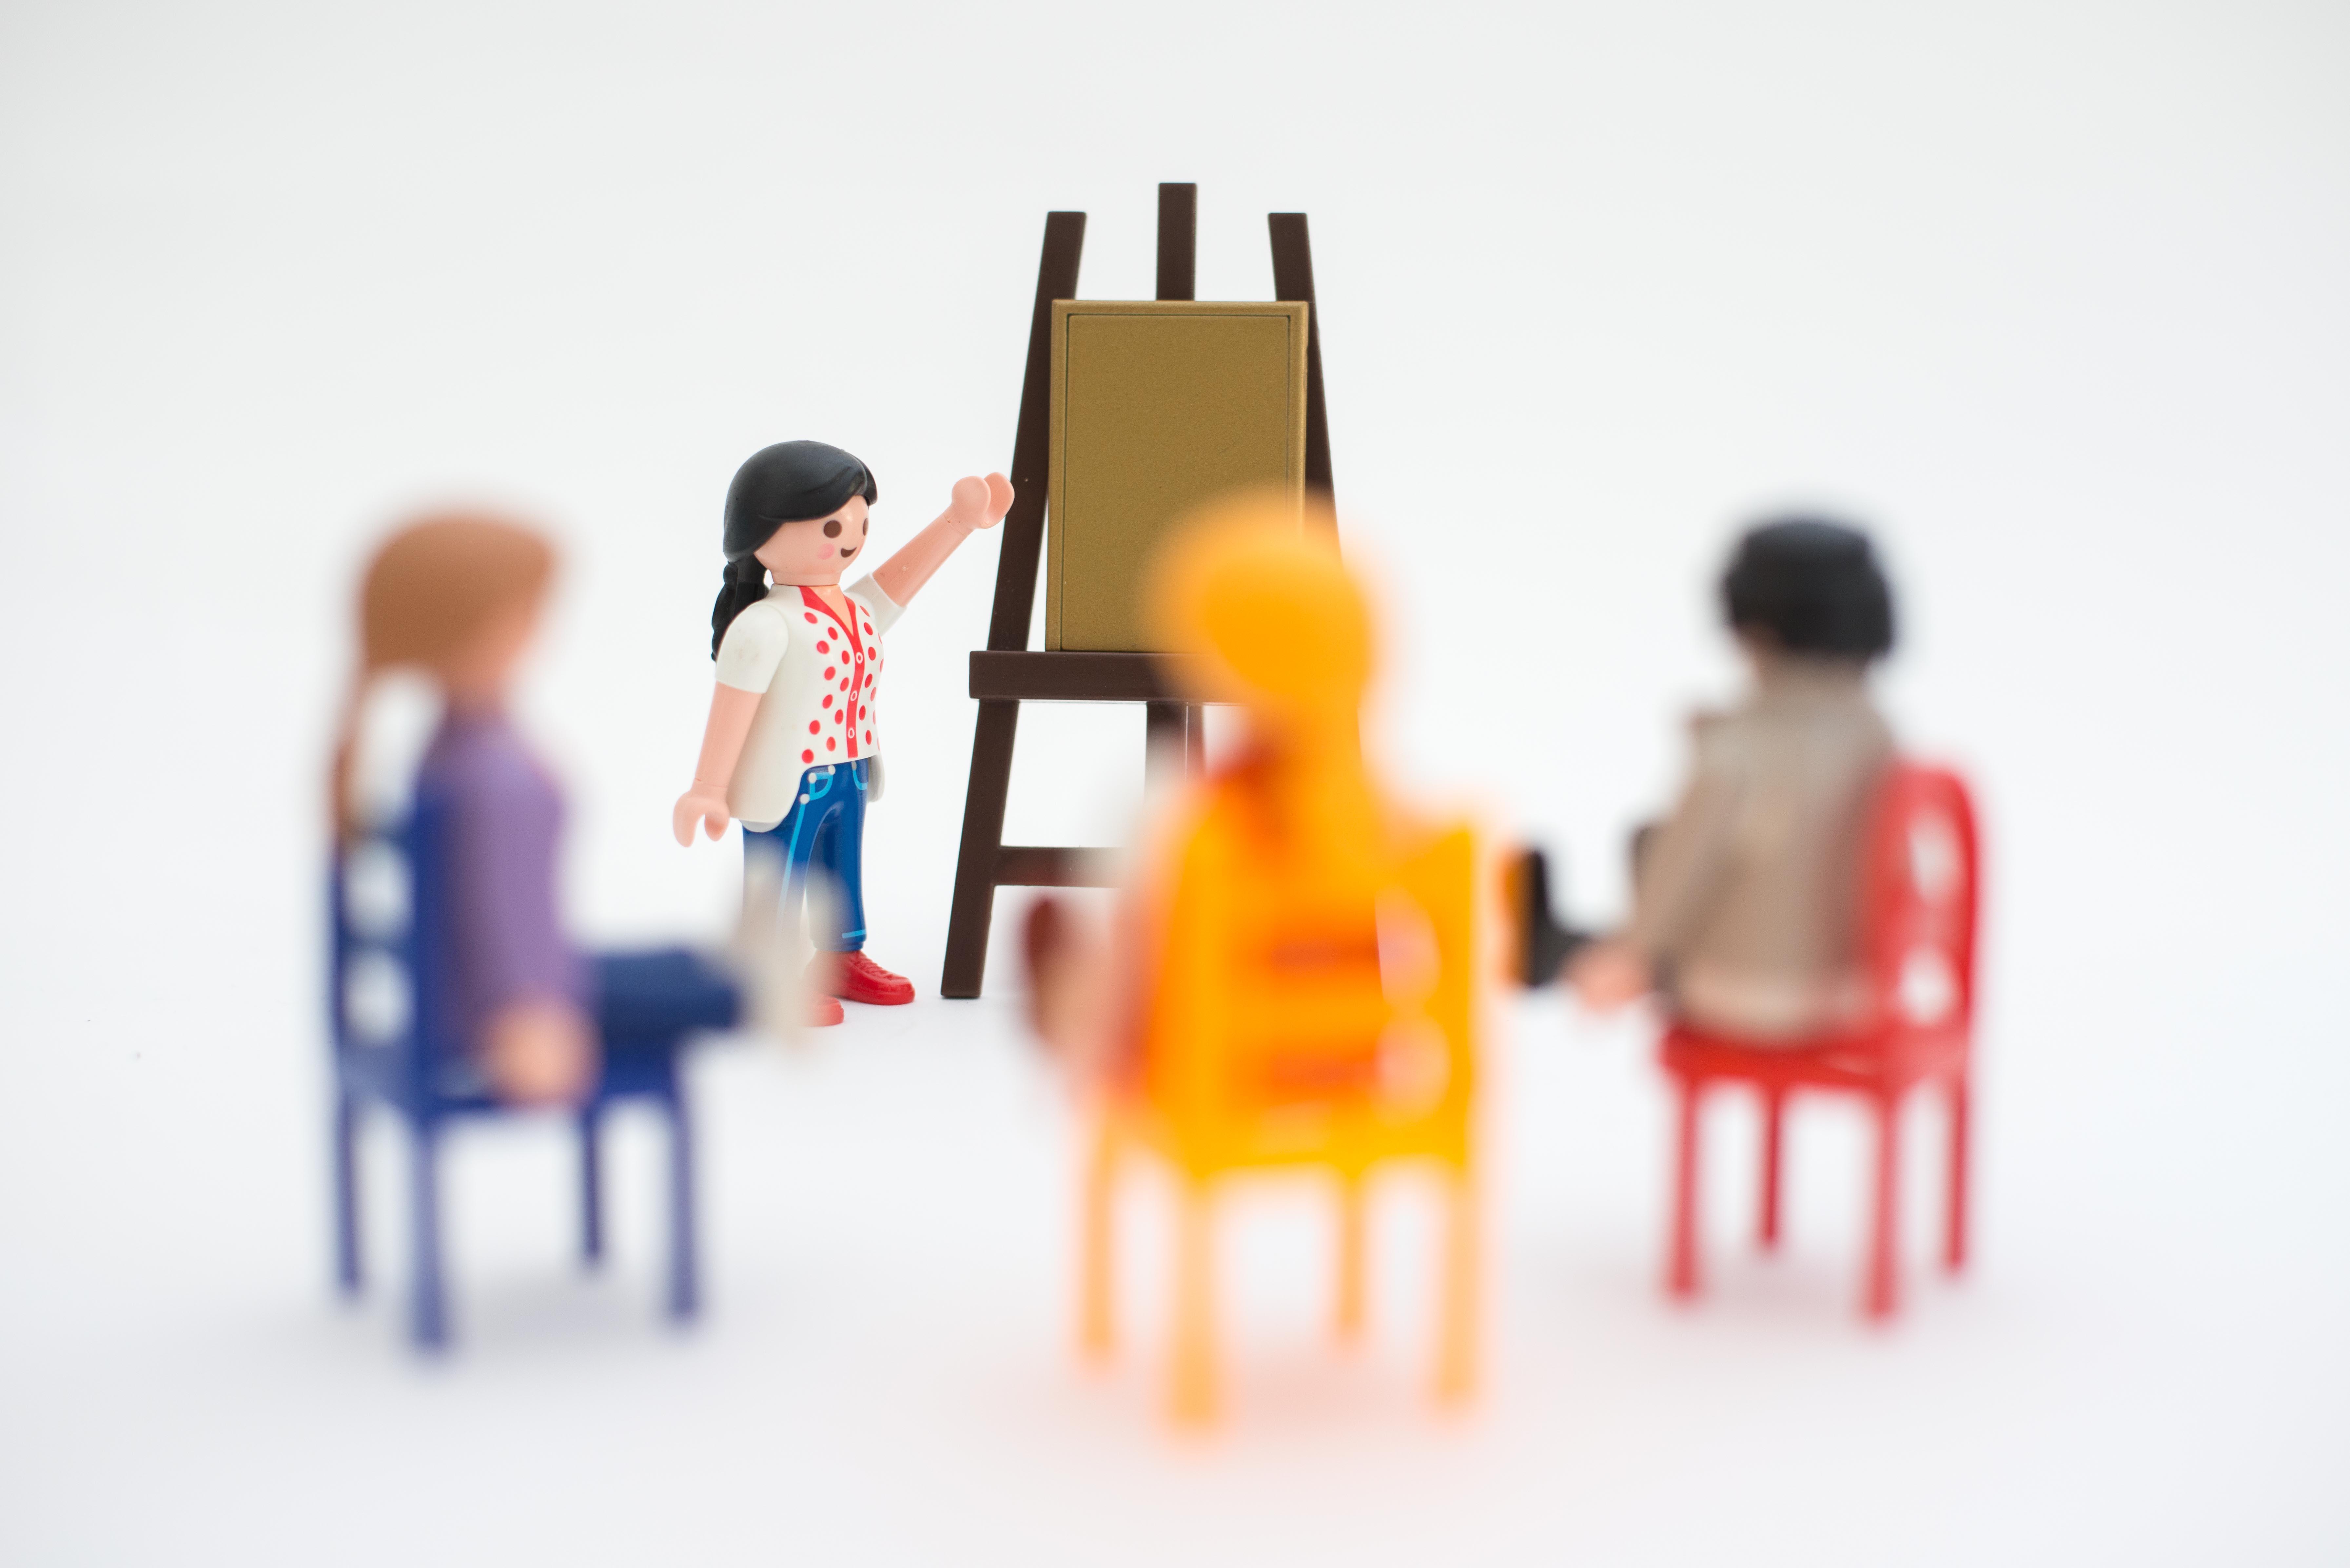 Caroline Franssen geeft les over de Beeldkracht methodiek (animatie met playmobil_